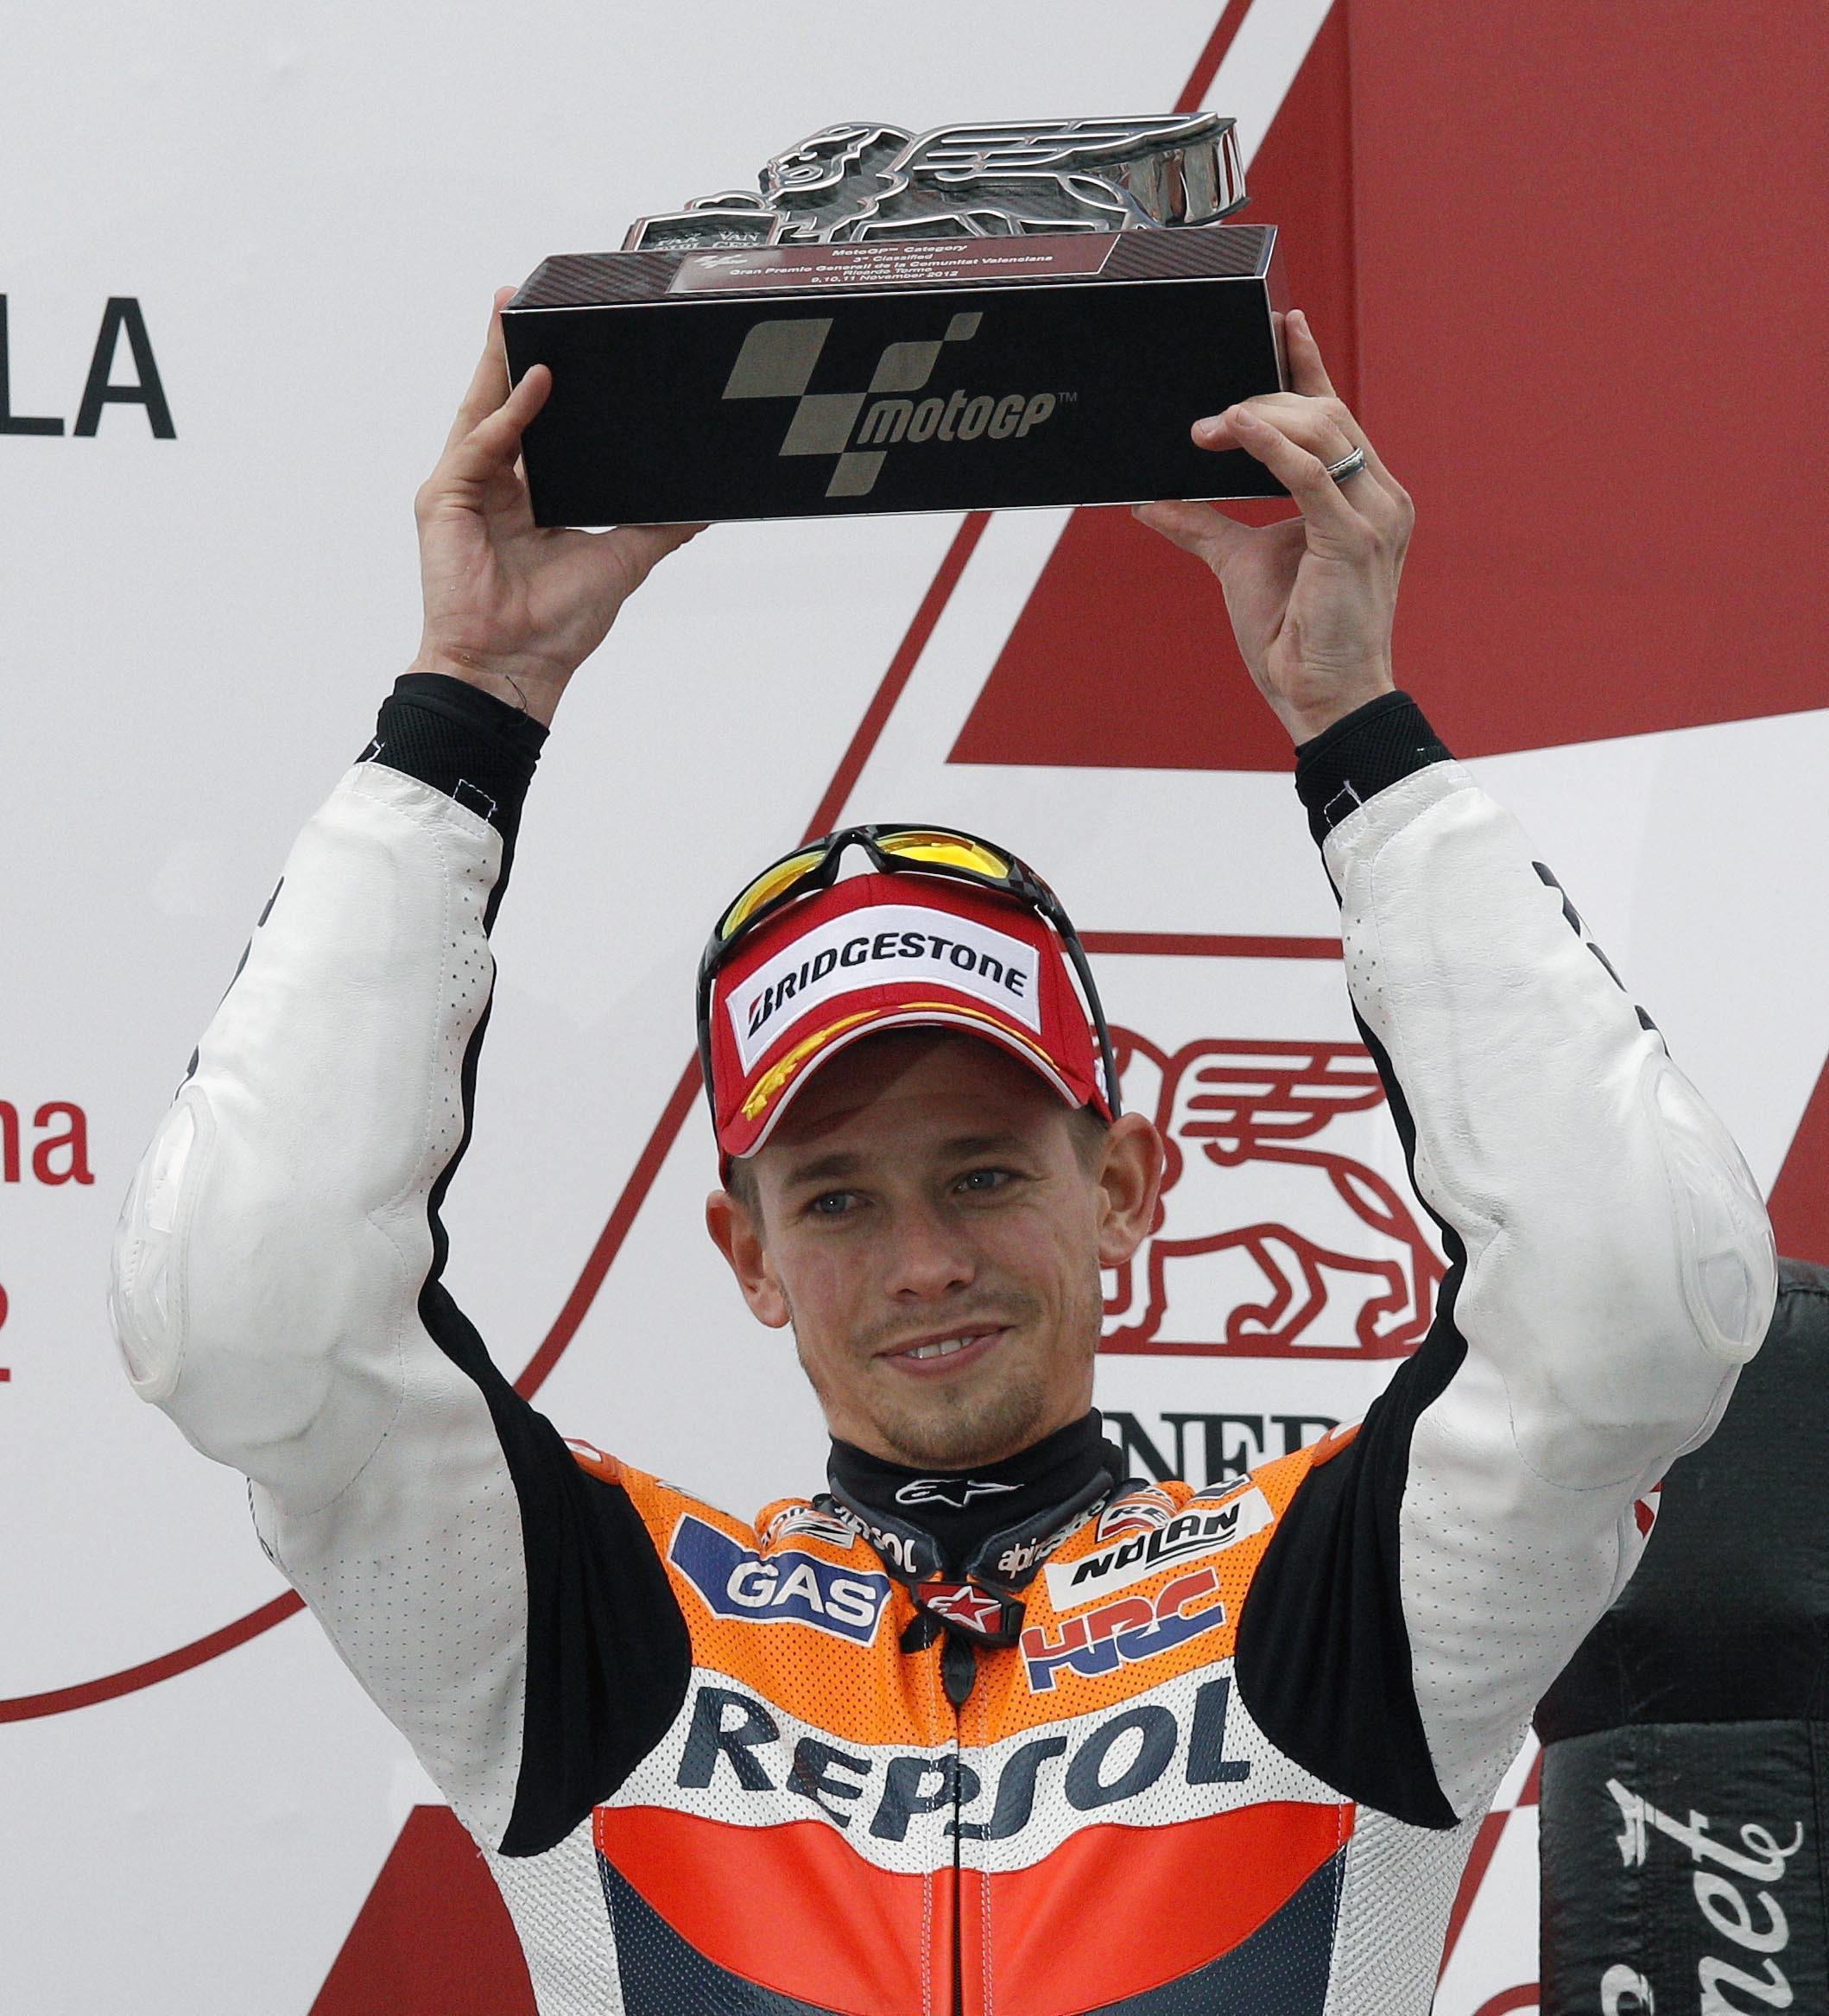 Australiano Casey Stoner, vigésimo piloto en la lista de Leyendas de MotoGP